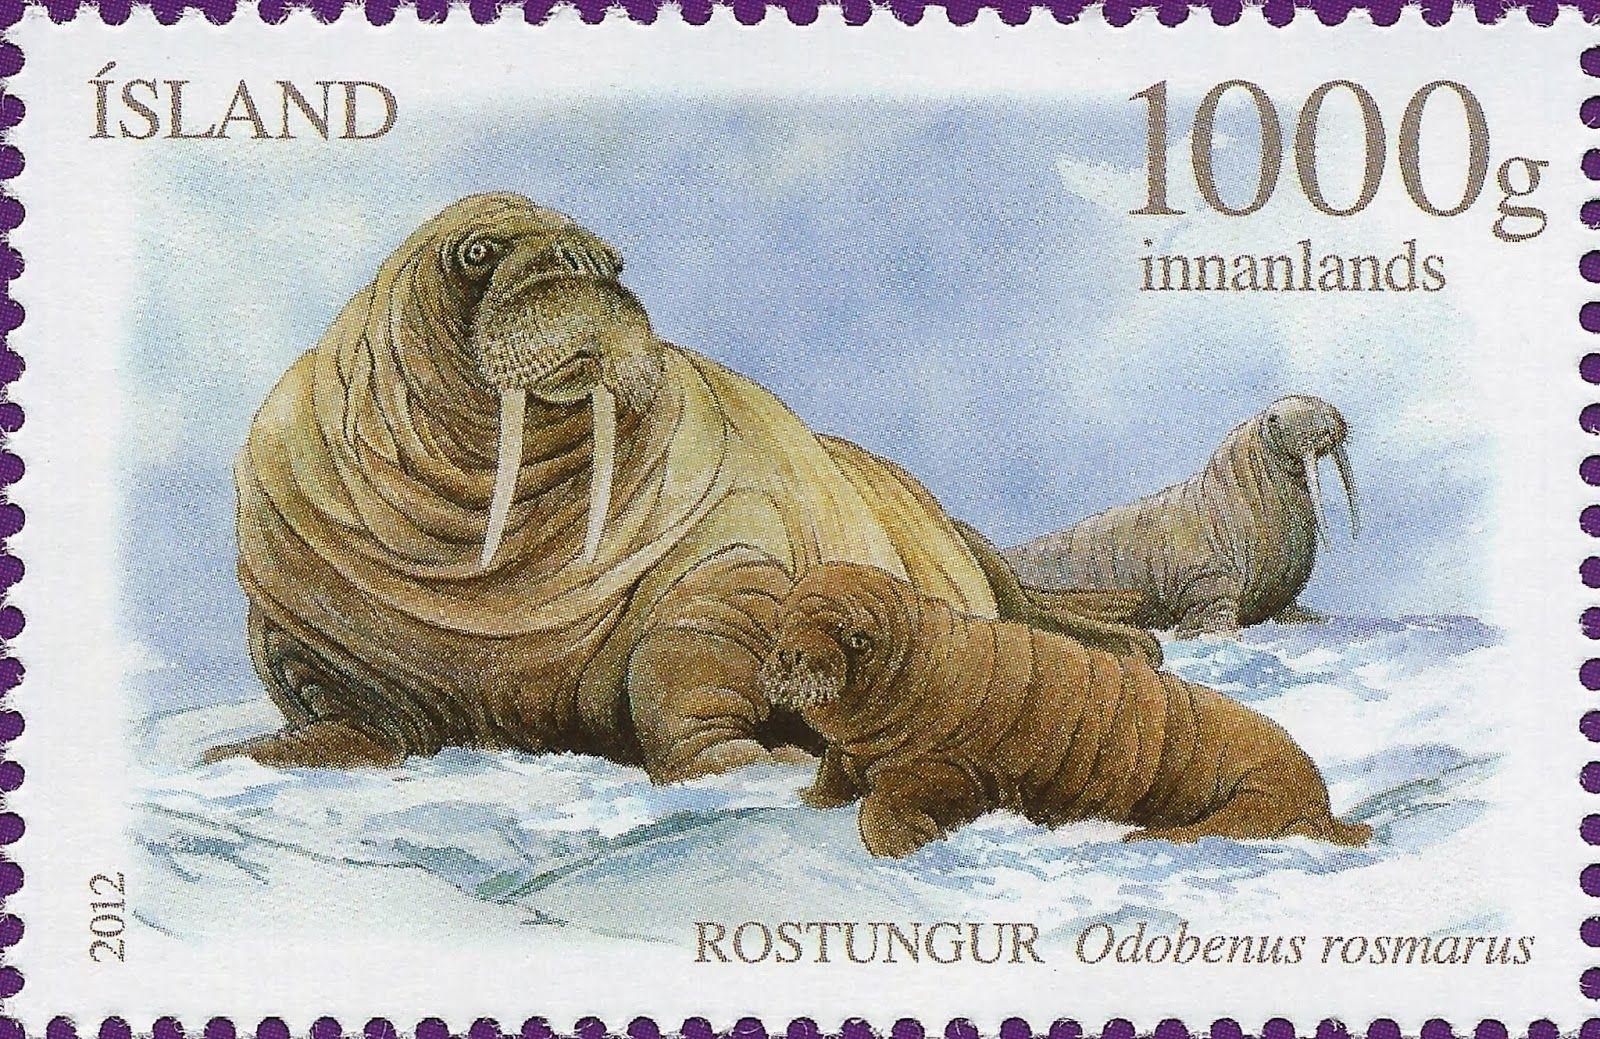 2012+Odobenus+rosmarus.jpg (1600×1039)